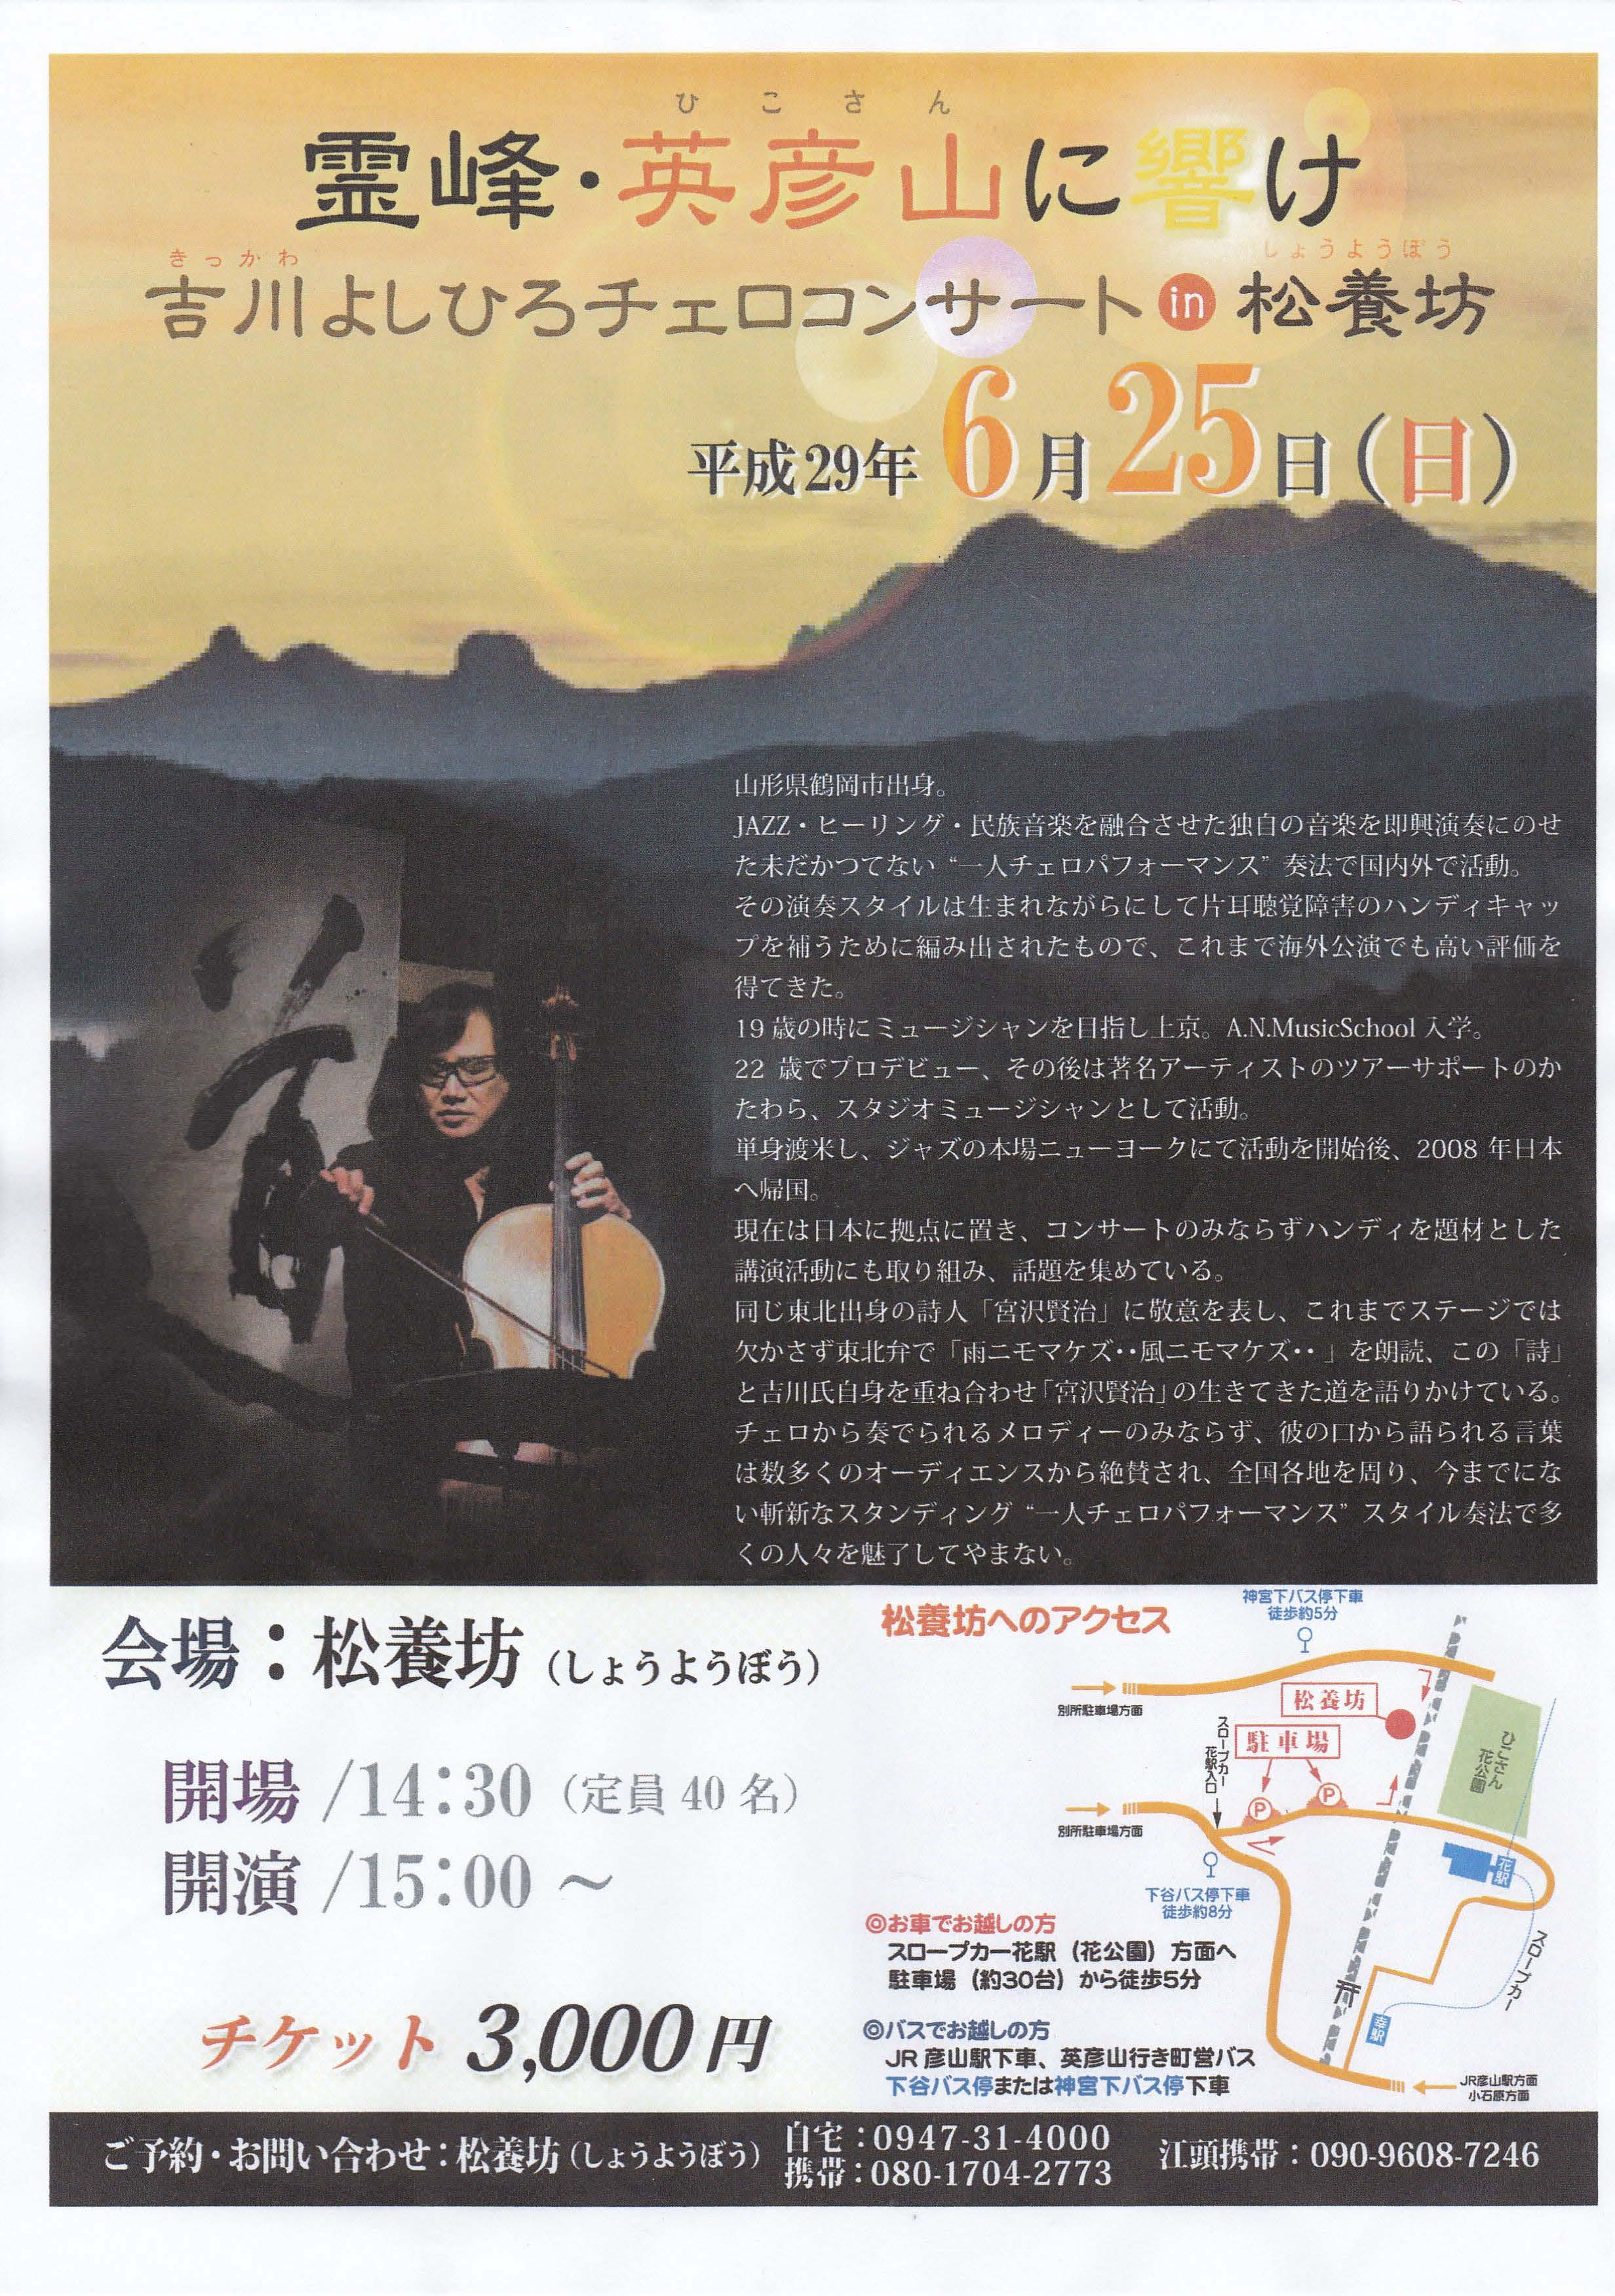 吉川よしひろ チェロコンサート.jpg